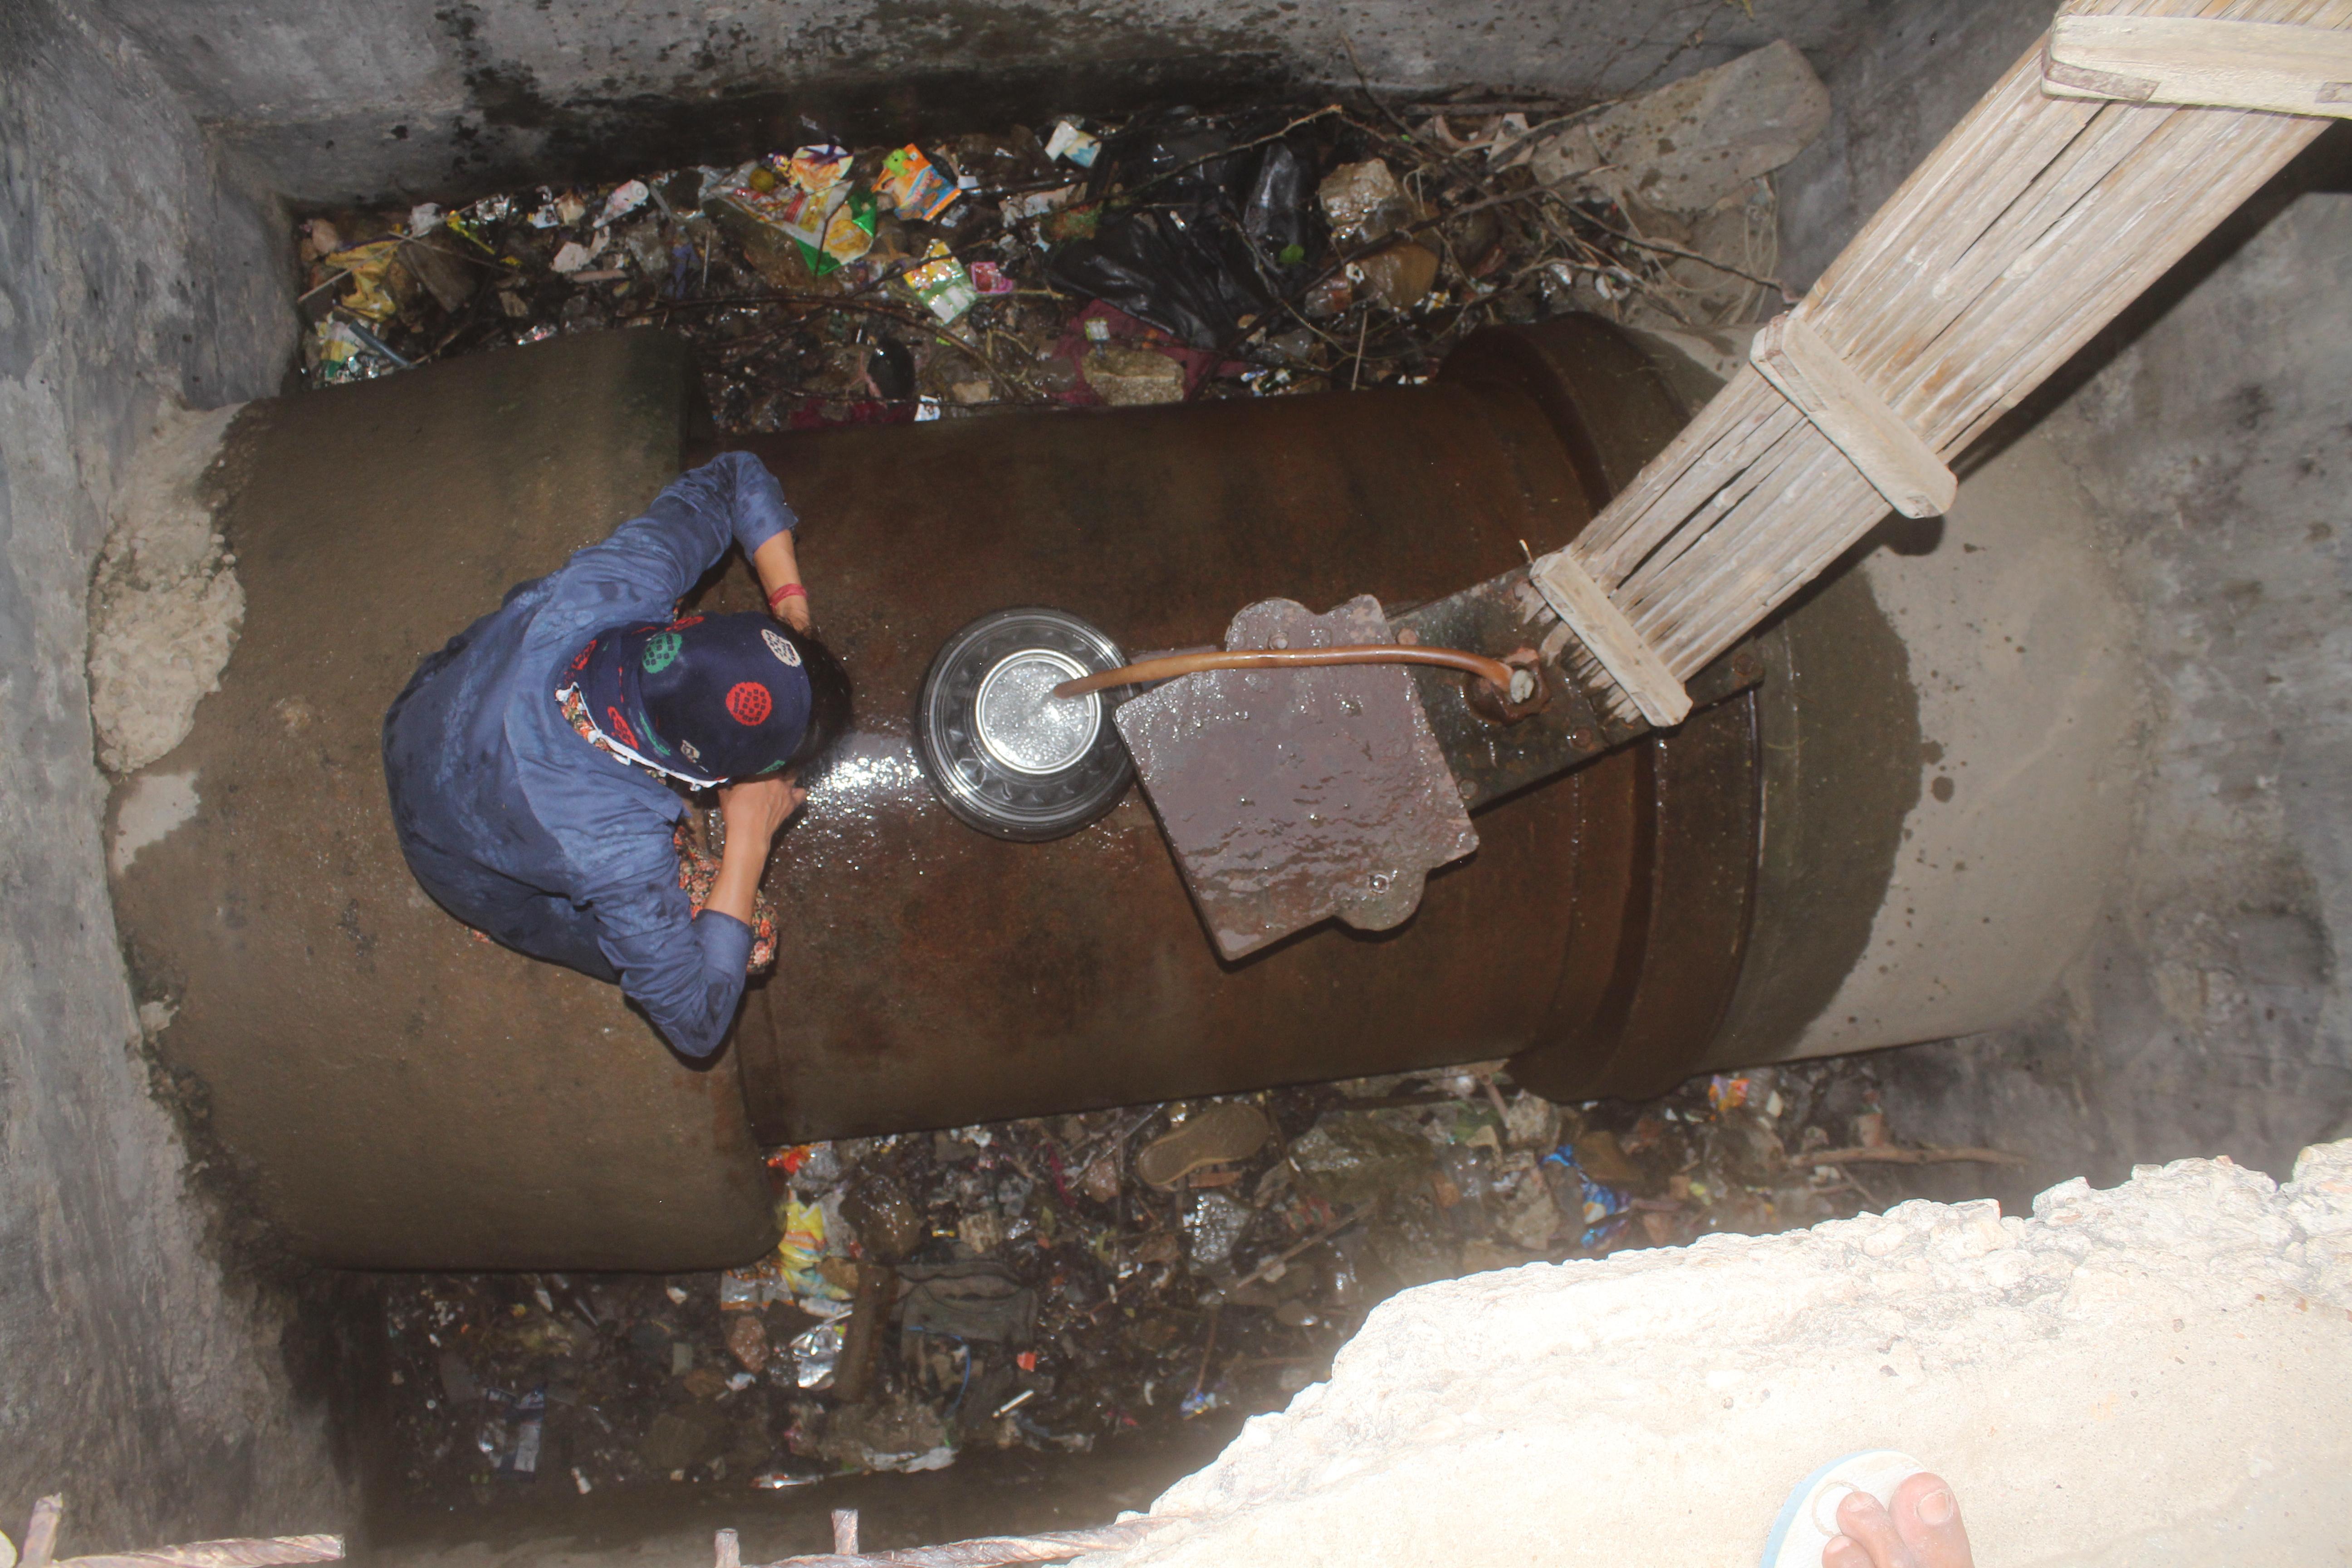 Water crisis: नहीं देखी होगी आपने ऐसी परीक्षा, आईएएस और आरएएस से भी कठिन होता है पेपर